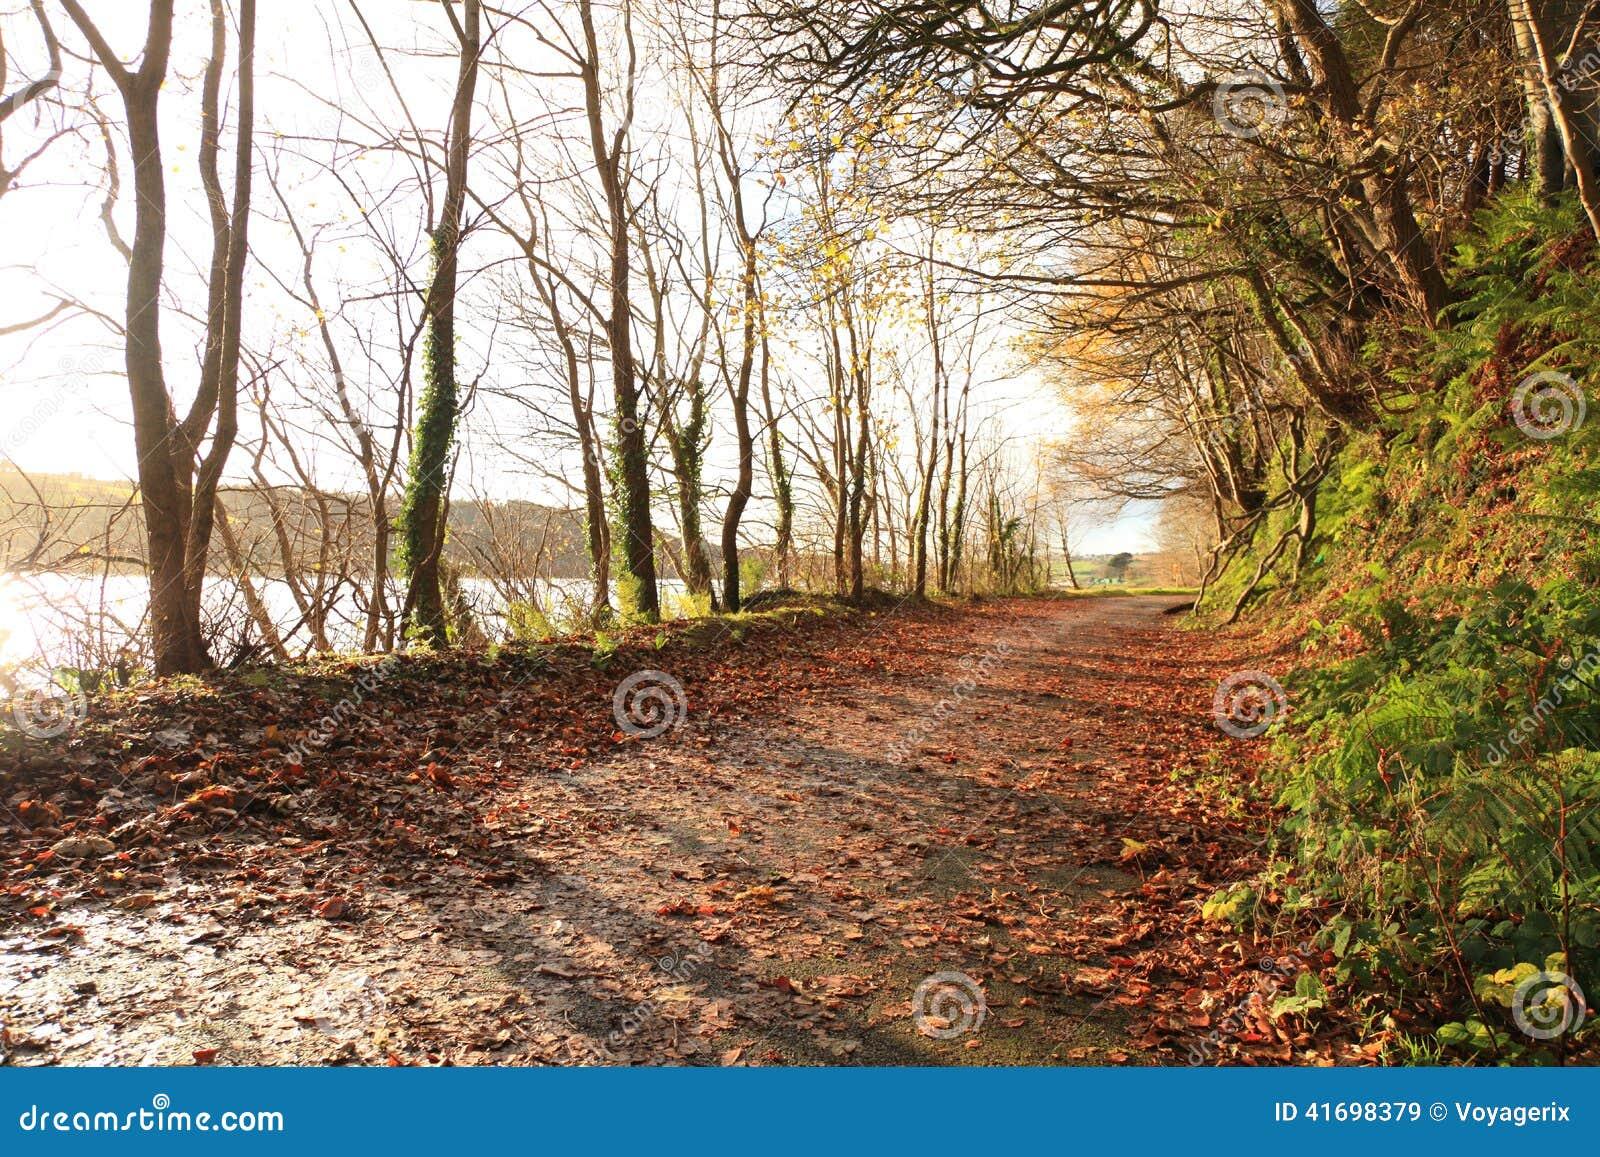 Autumn Pathway Co kork ireland